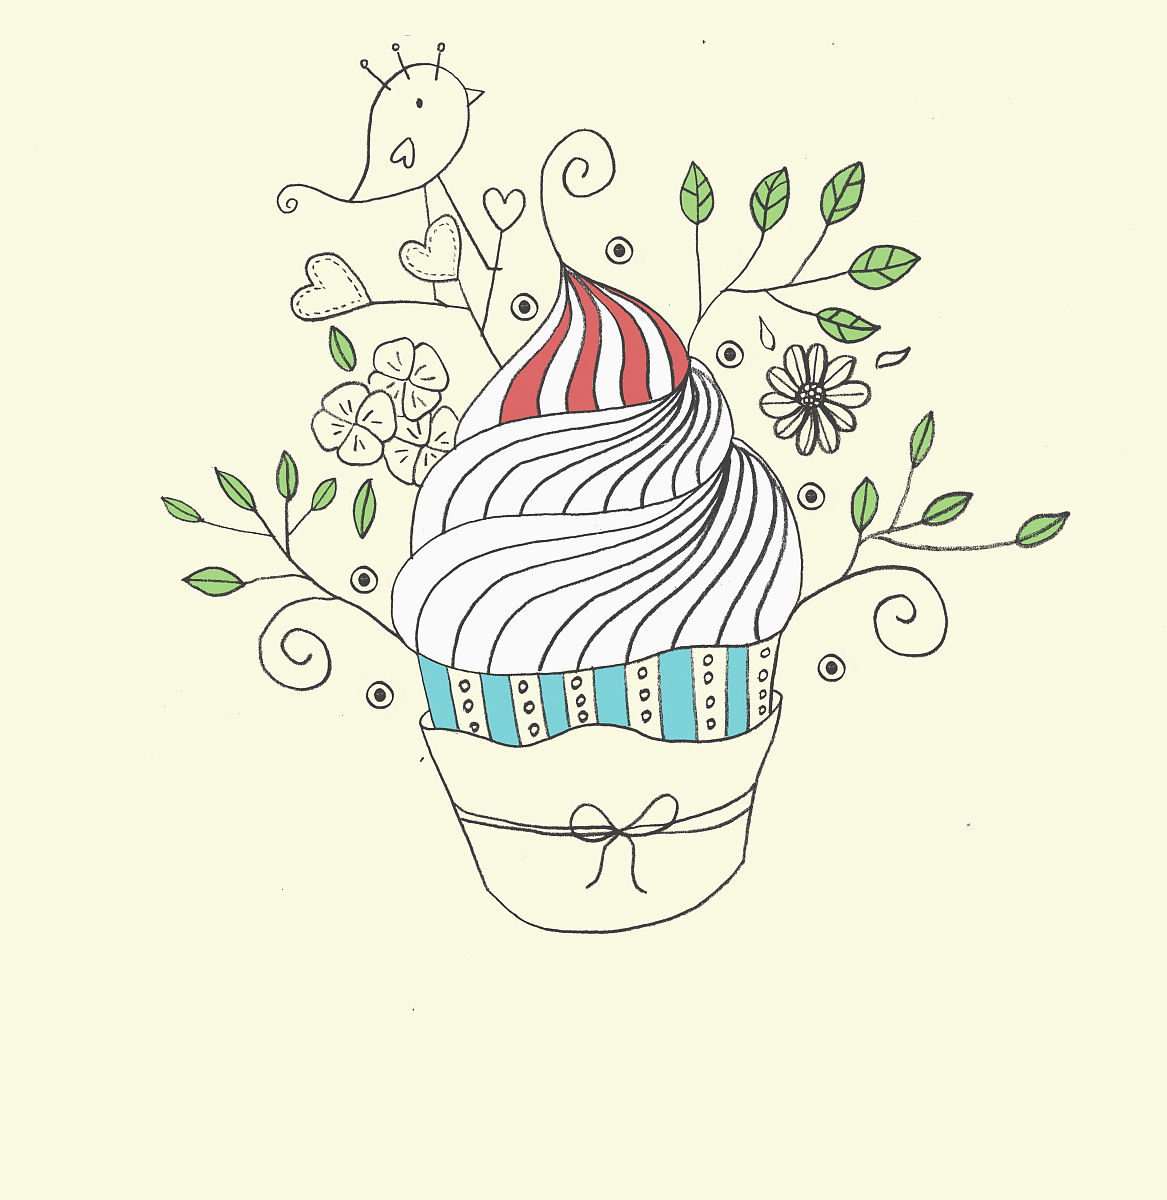 无人,冰淇淋,鸟类,叶子,草图,画画,图像图片